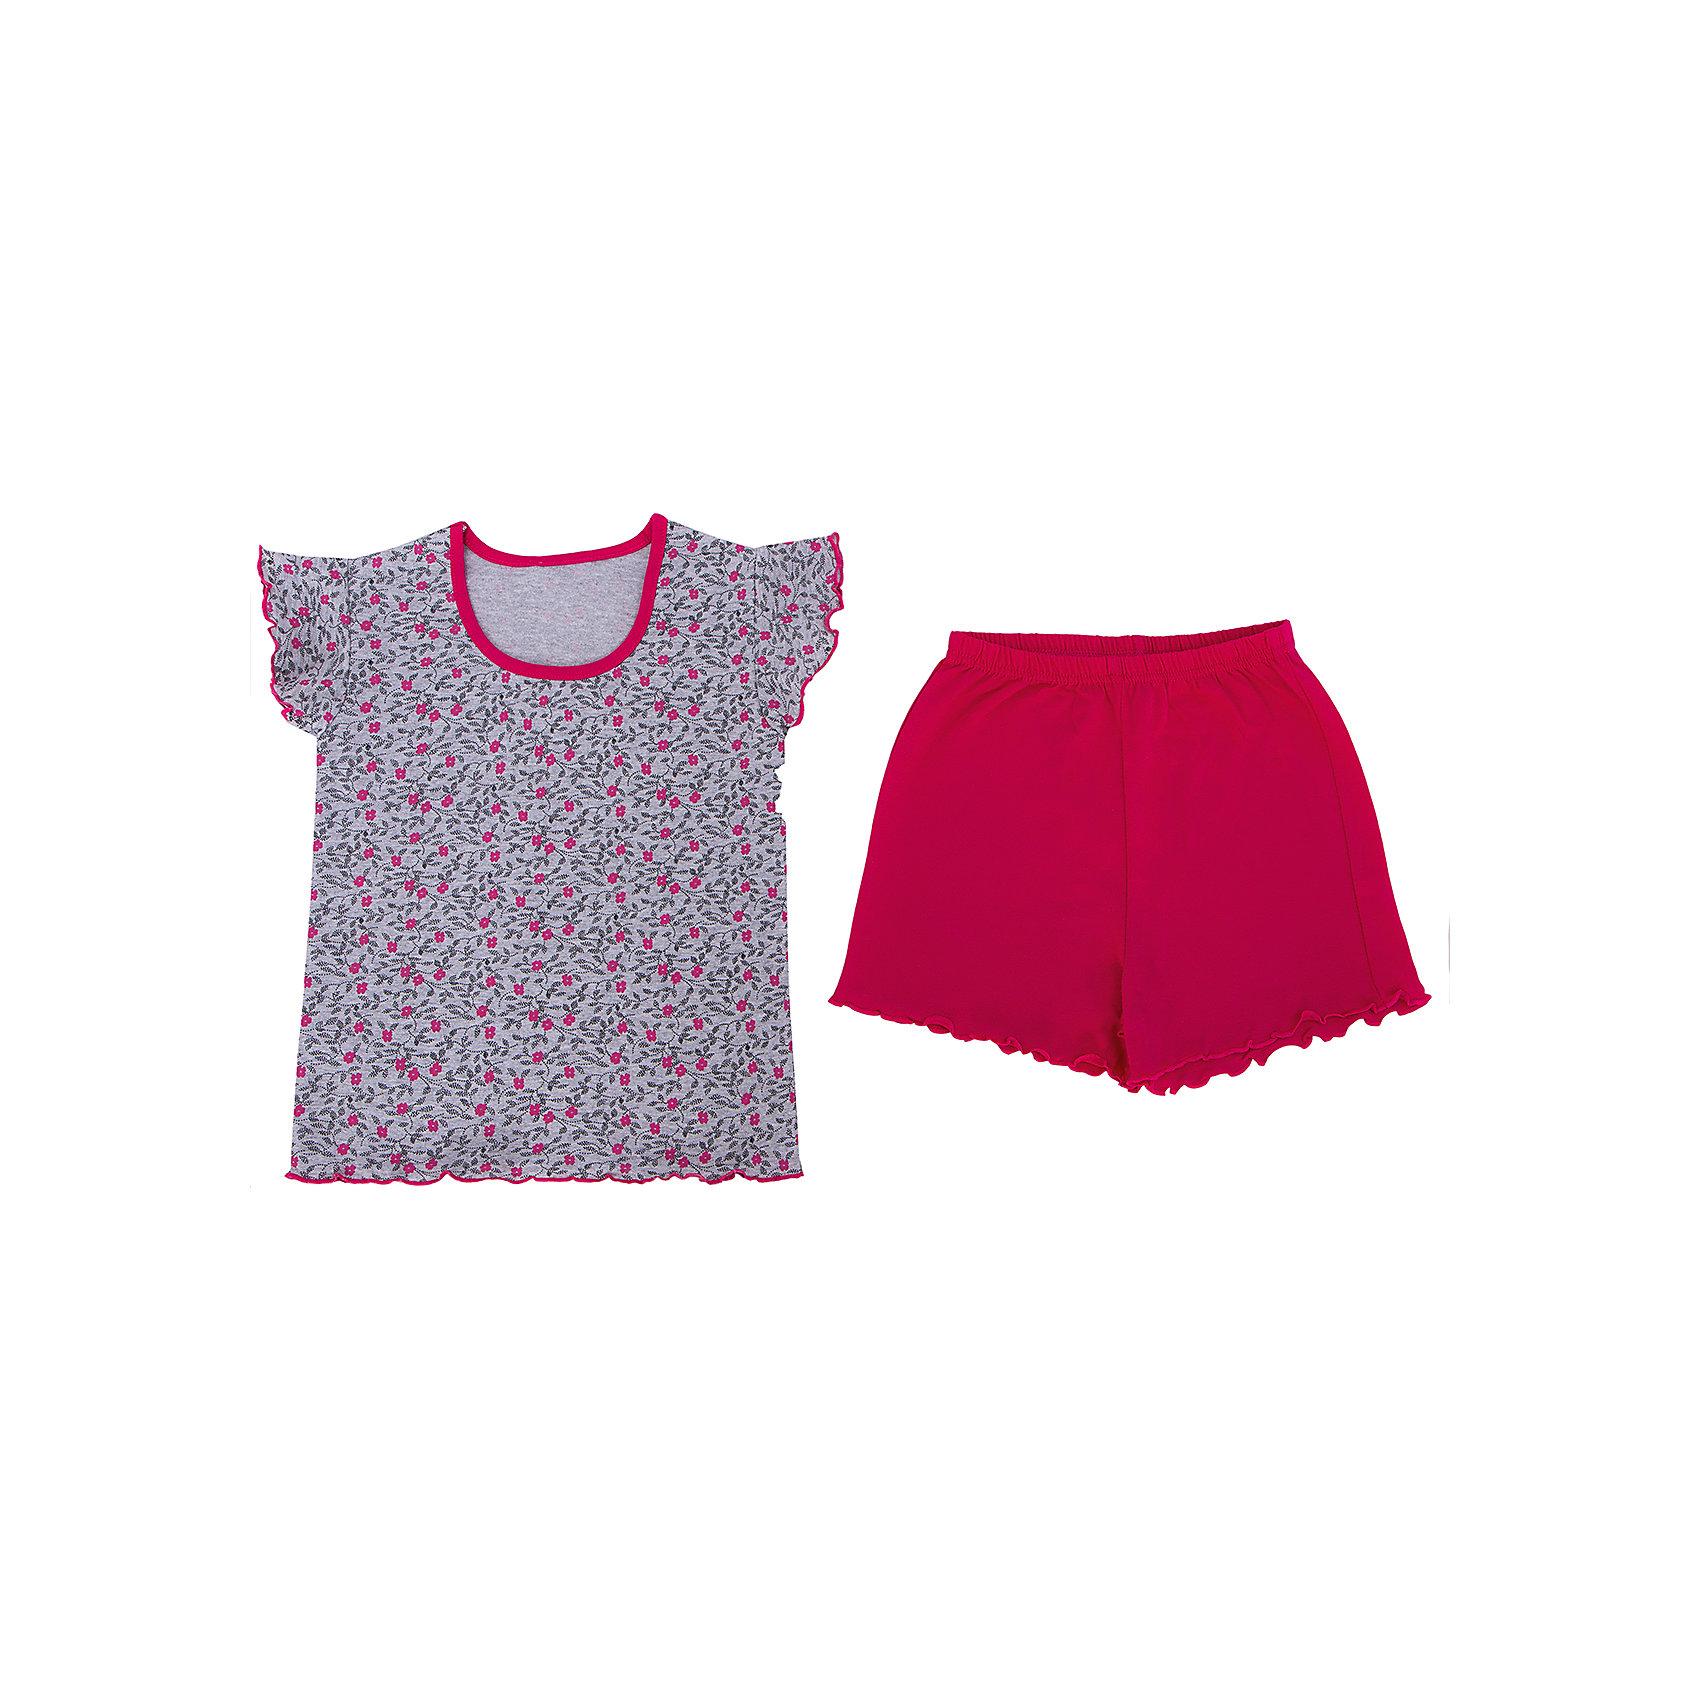 Пижама для девочки АпрельПижамы и сорочки<br>Пижама для девочки от известного бренда Апрель.<br><br>Состав:<br>хлопок 100%, хлопок 65% + полиэстер 35%<br><br>Ширина мм: 281<br>Глубина мм: 70<br>Высота мм: 188<br>Вес г: 295<br>Цвет: розовый<br>Возраст от месяцев: 60<br>Возраст до месяцев: 72<br>Пол: Женский<br>Возраст: Детский<br>Размер: 116,122,128,98,104,110<br>SKU: 4768222